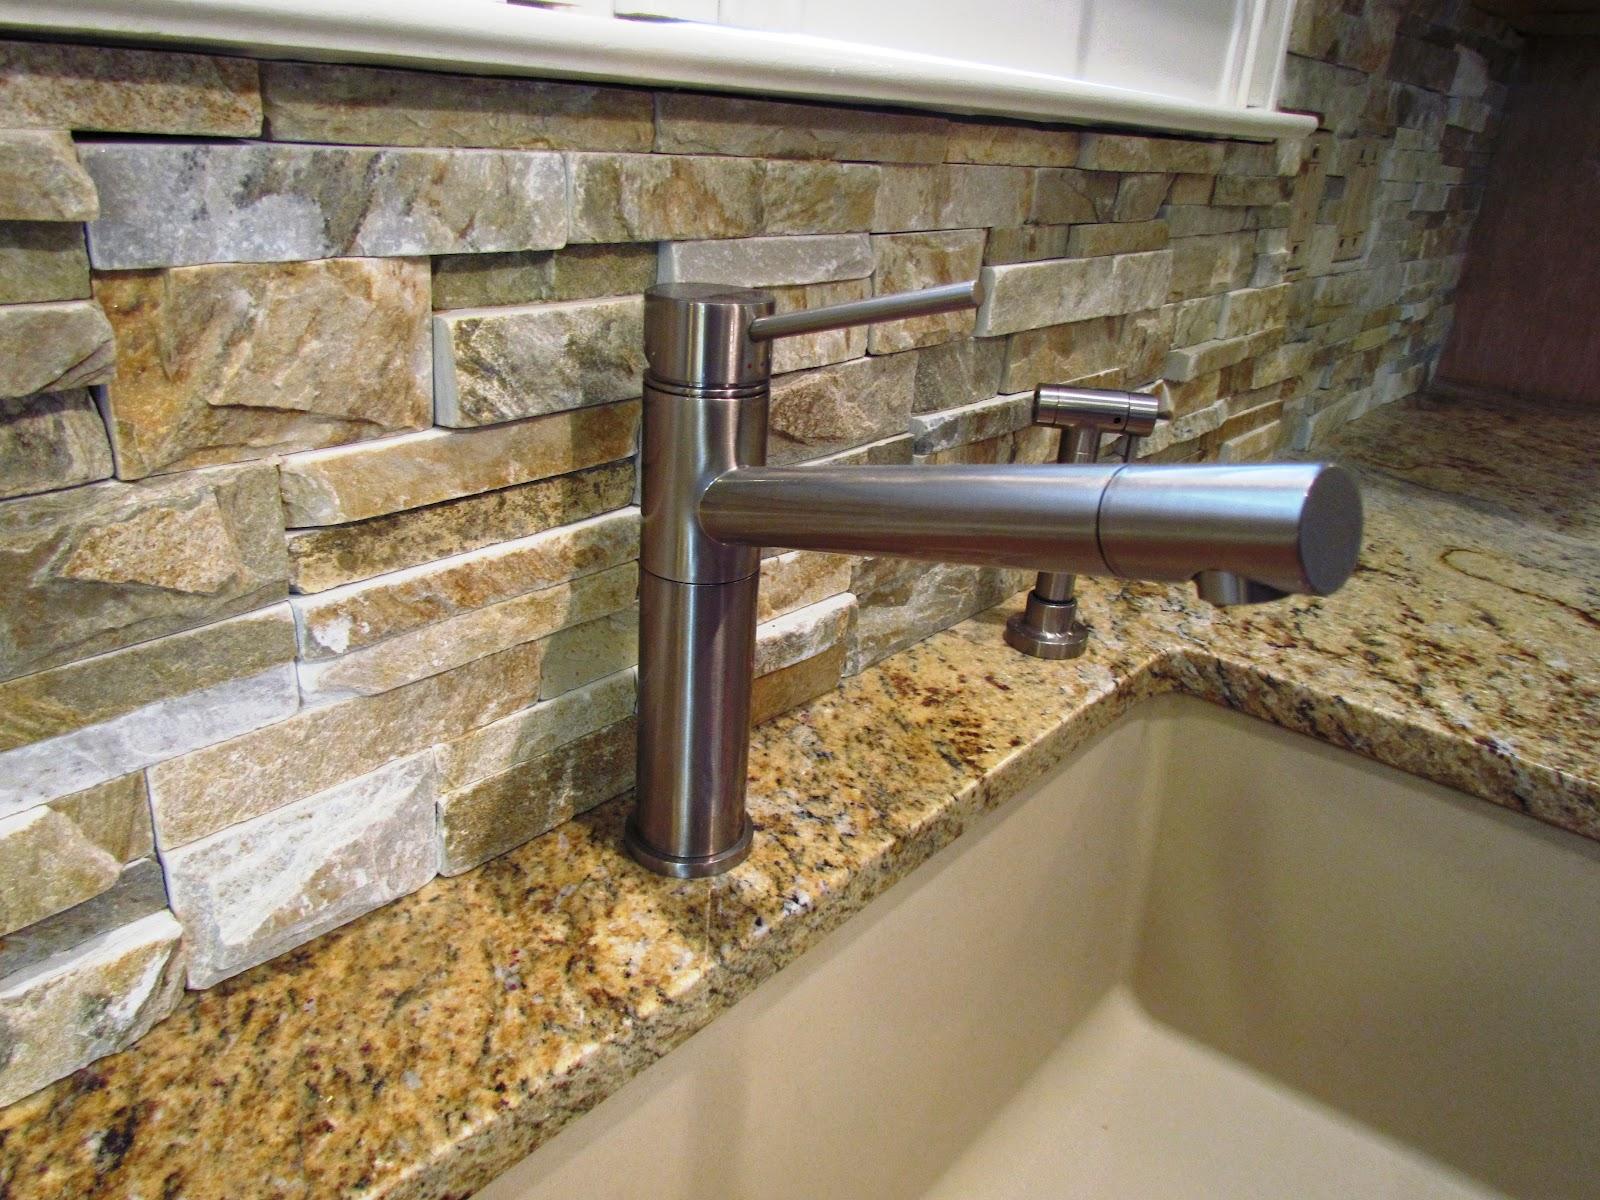 backsplash gets installed today bryan 2 design kitchen bath studio